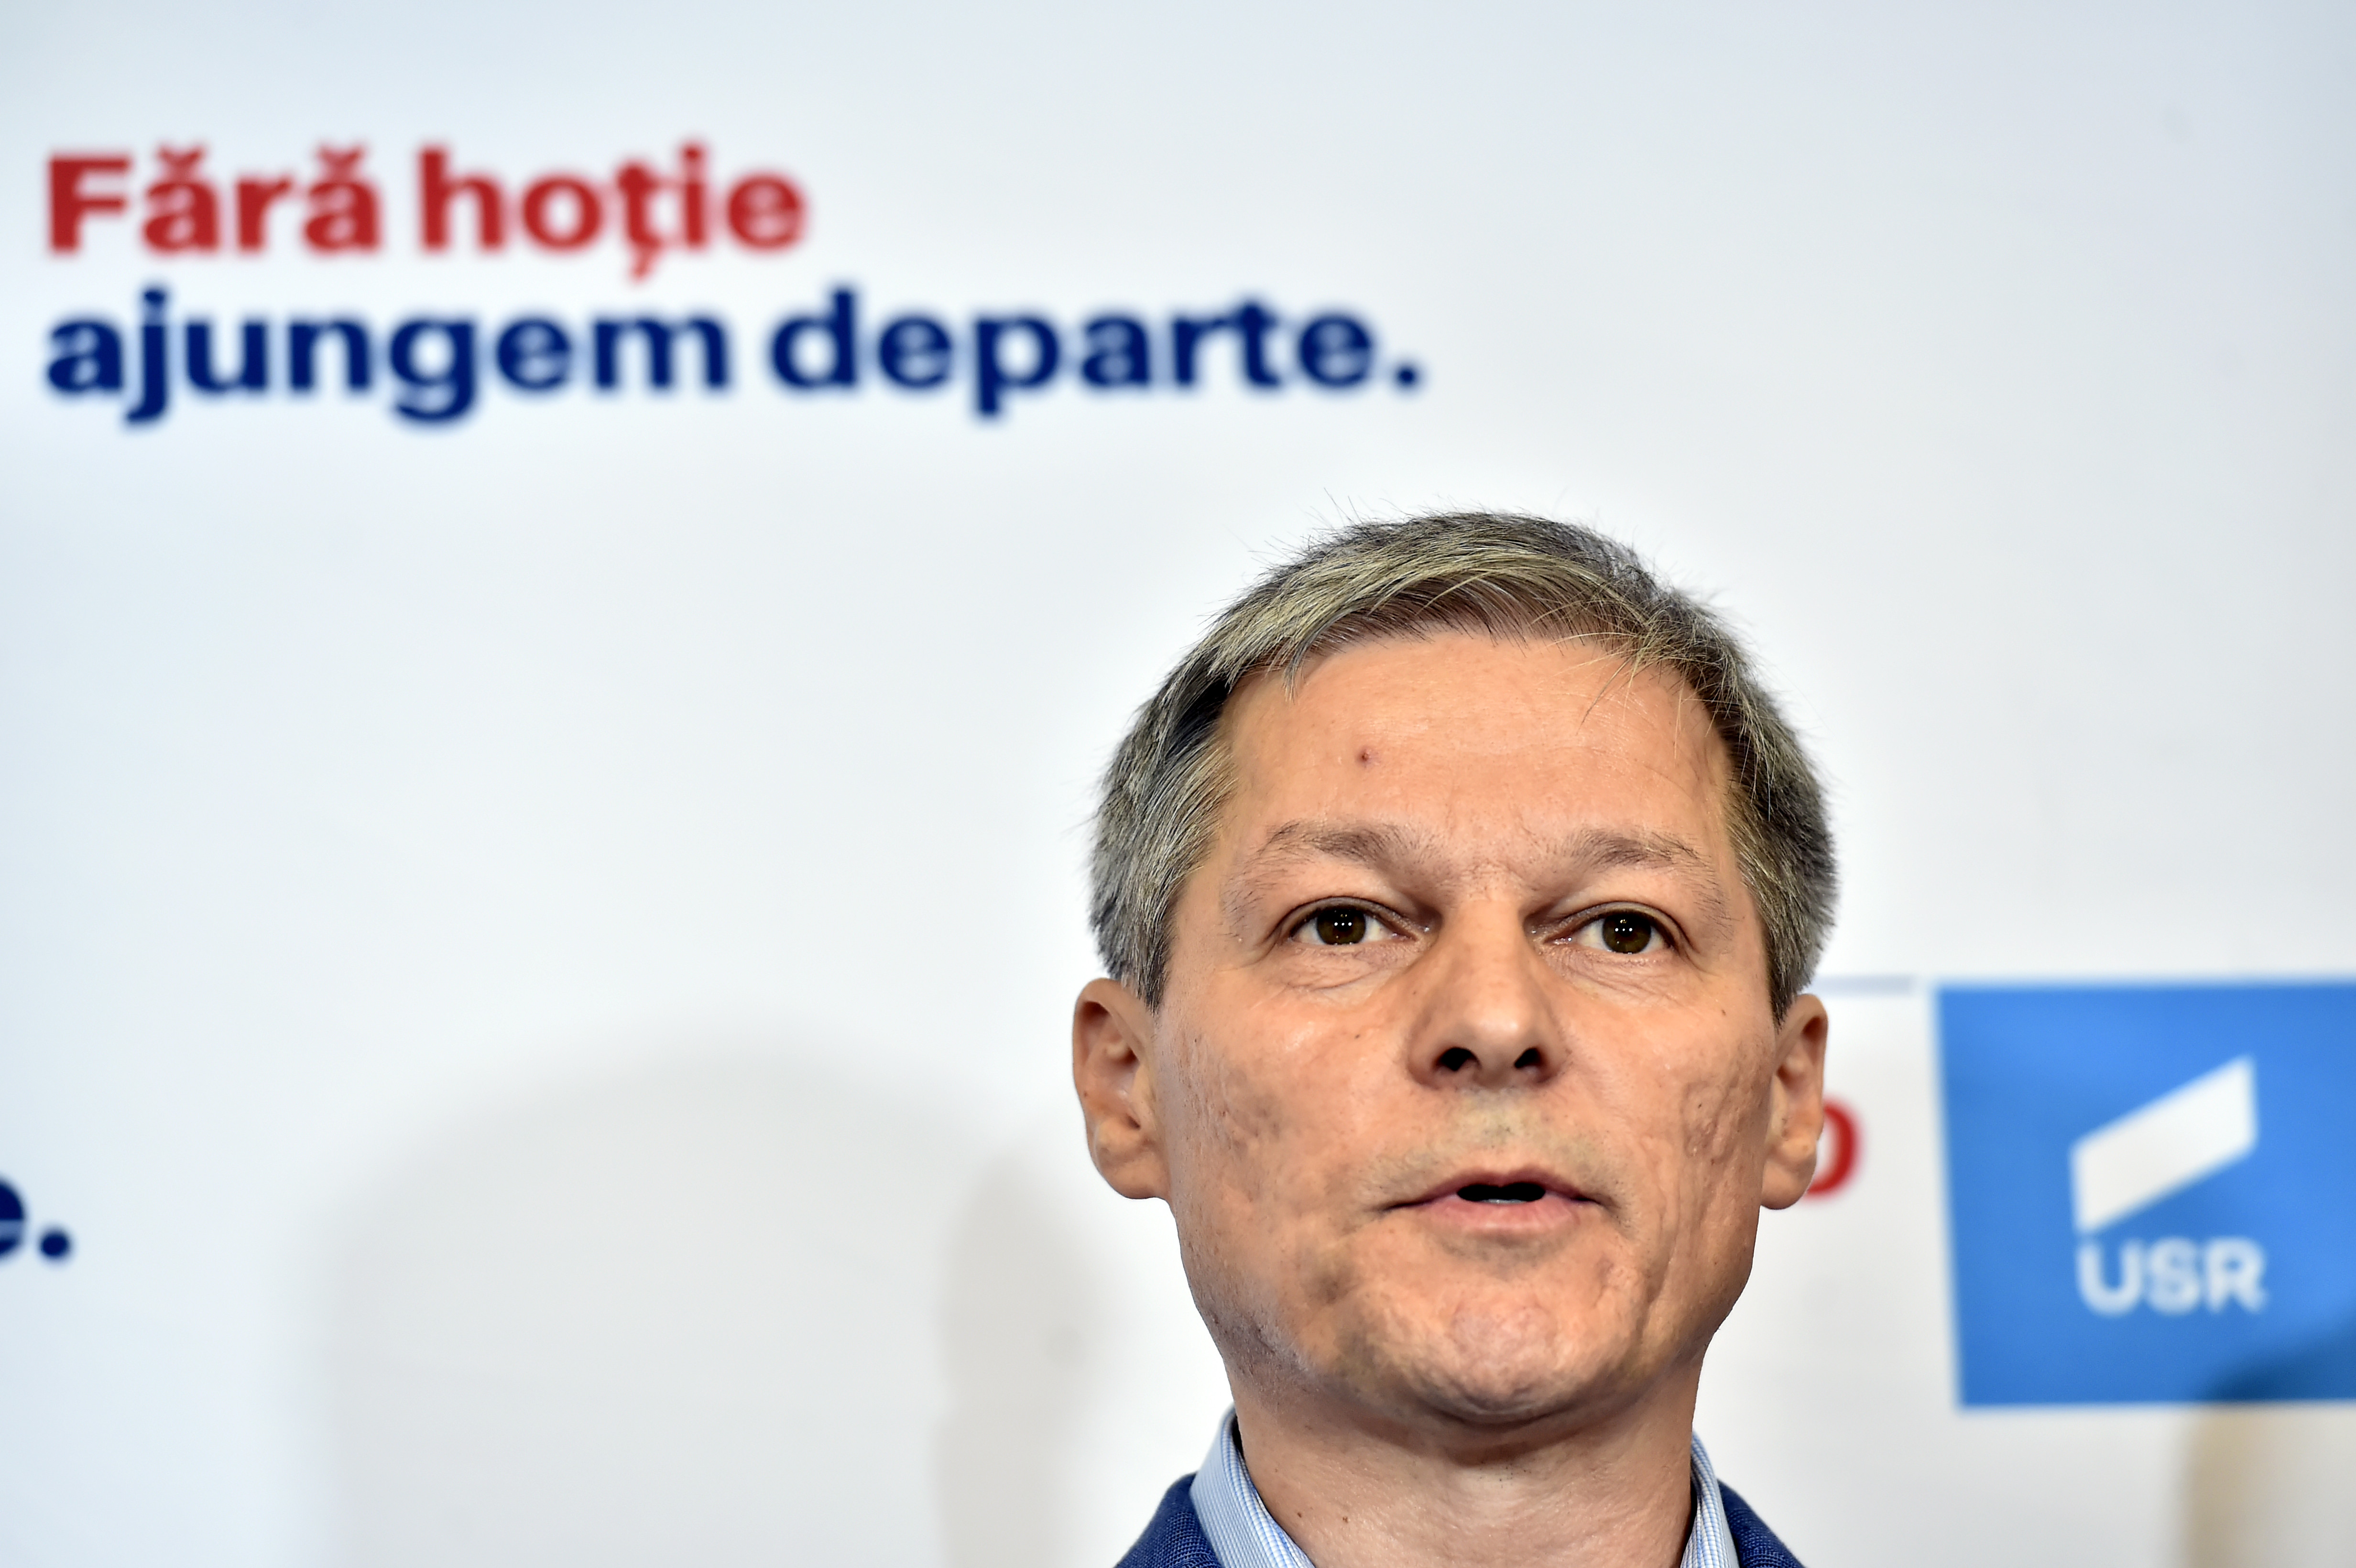 Când vor avea loc alegerile pentru conducerea USR-PLUS. Anunțul lui Cioloș